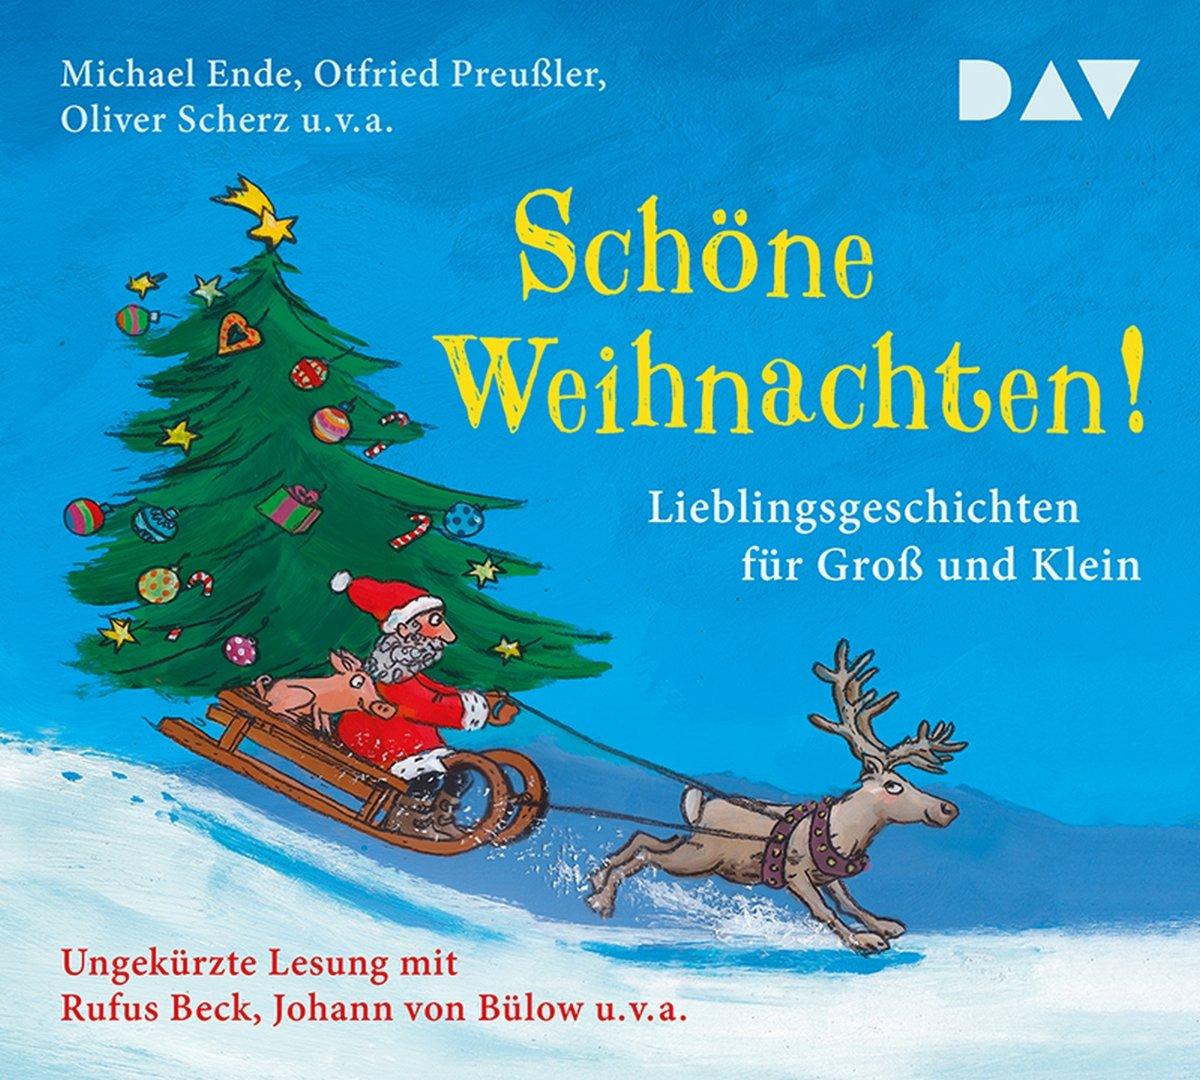 Schöne Weihnachten! Lieblingsgeschichten für Groß und Klein ...